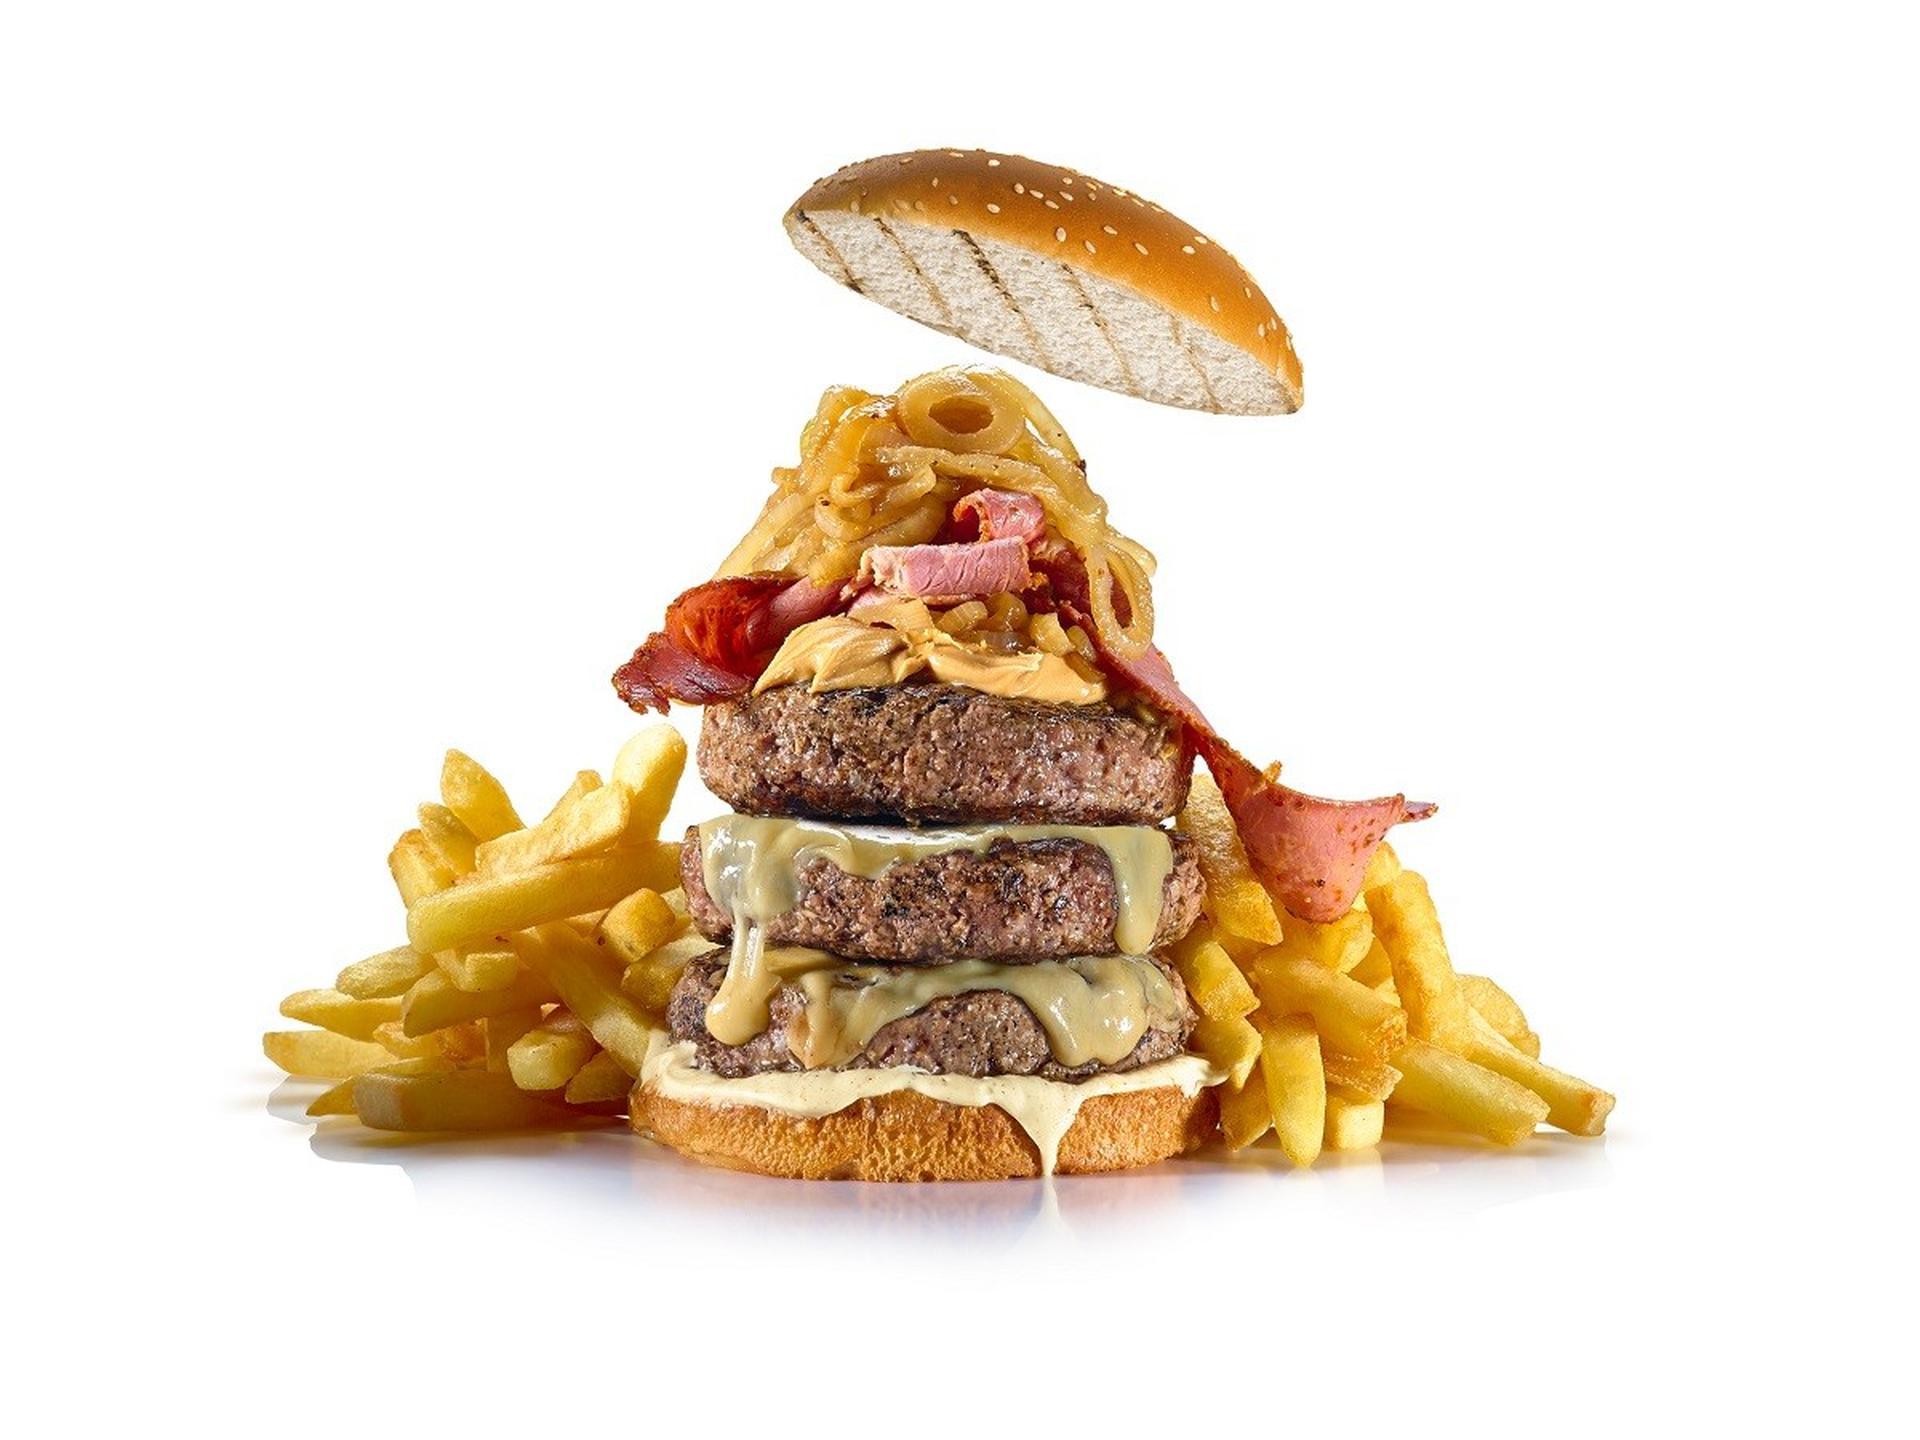 המבורגר אמריקה של רשת מסעדות בלאק. צילום: יורם אשהיים